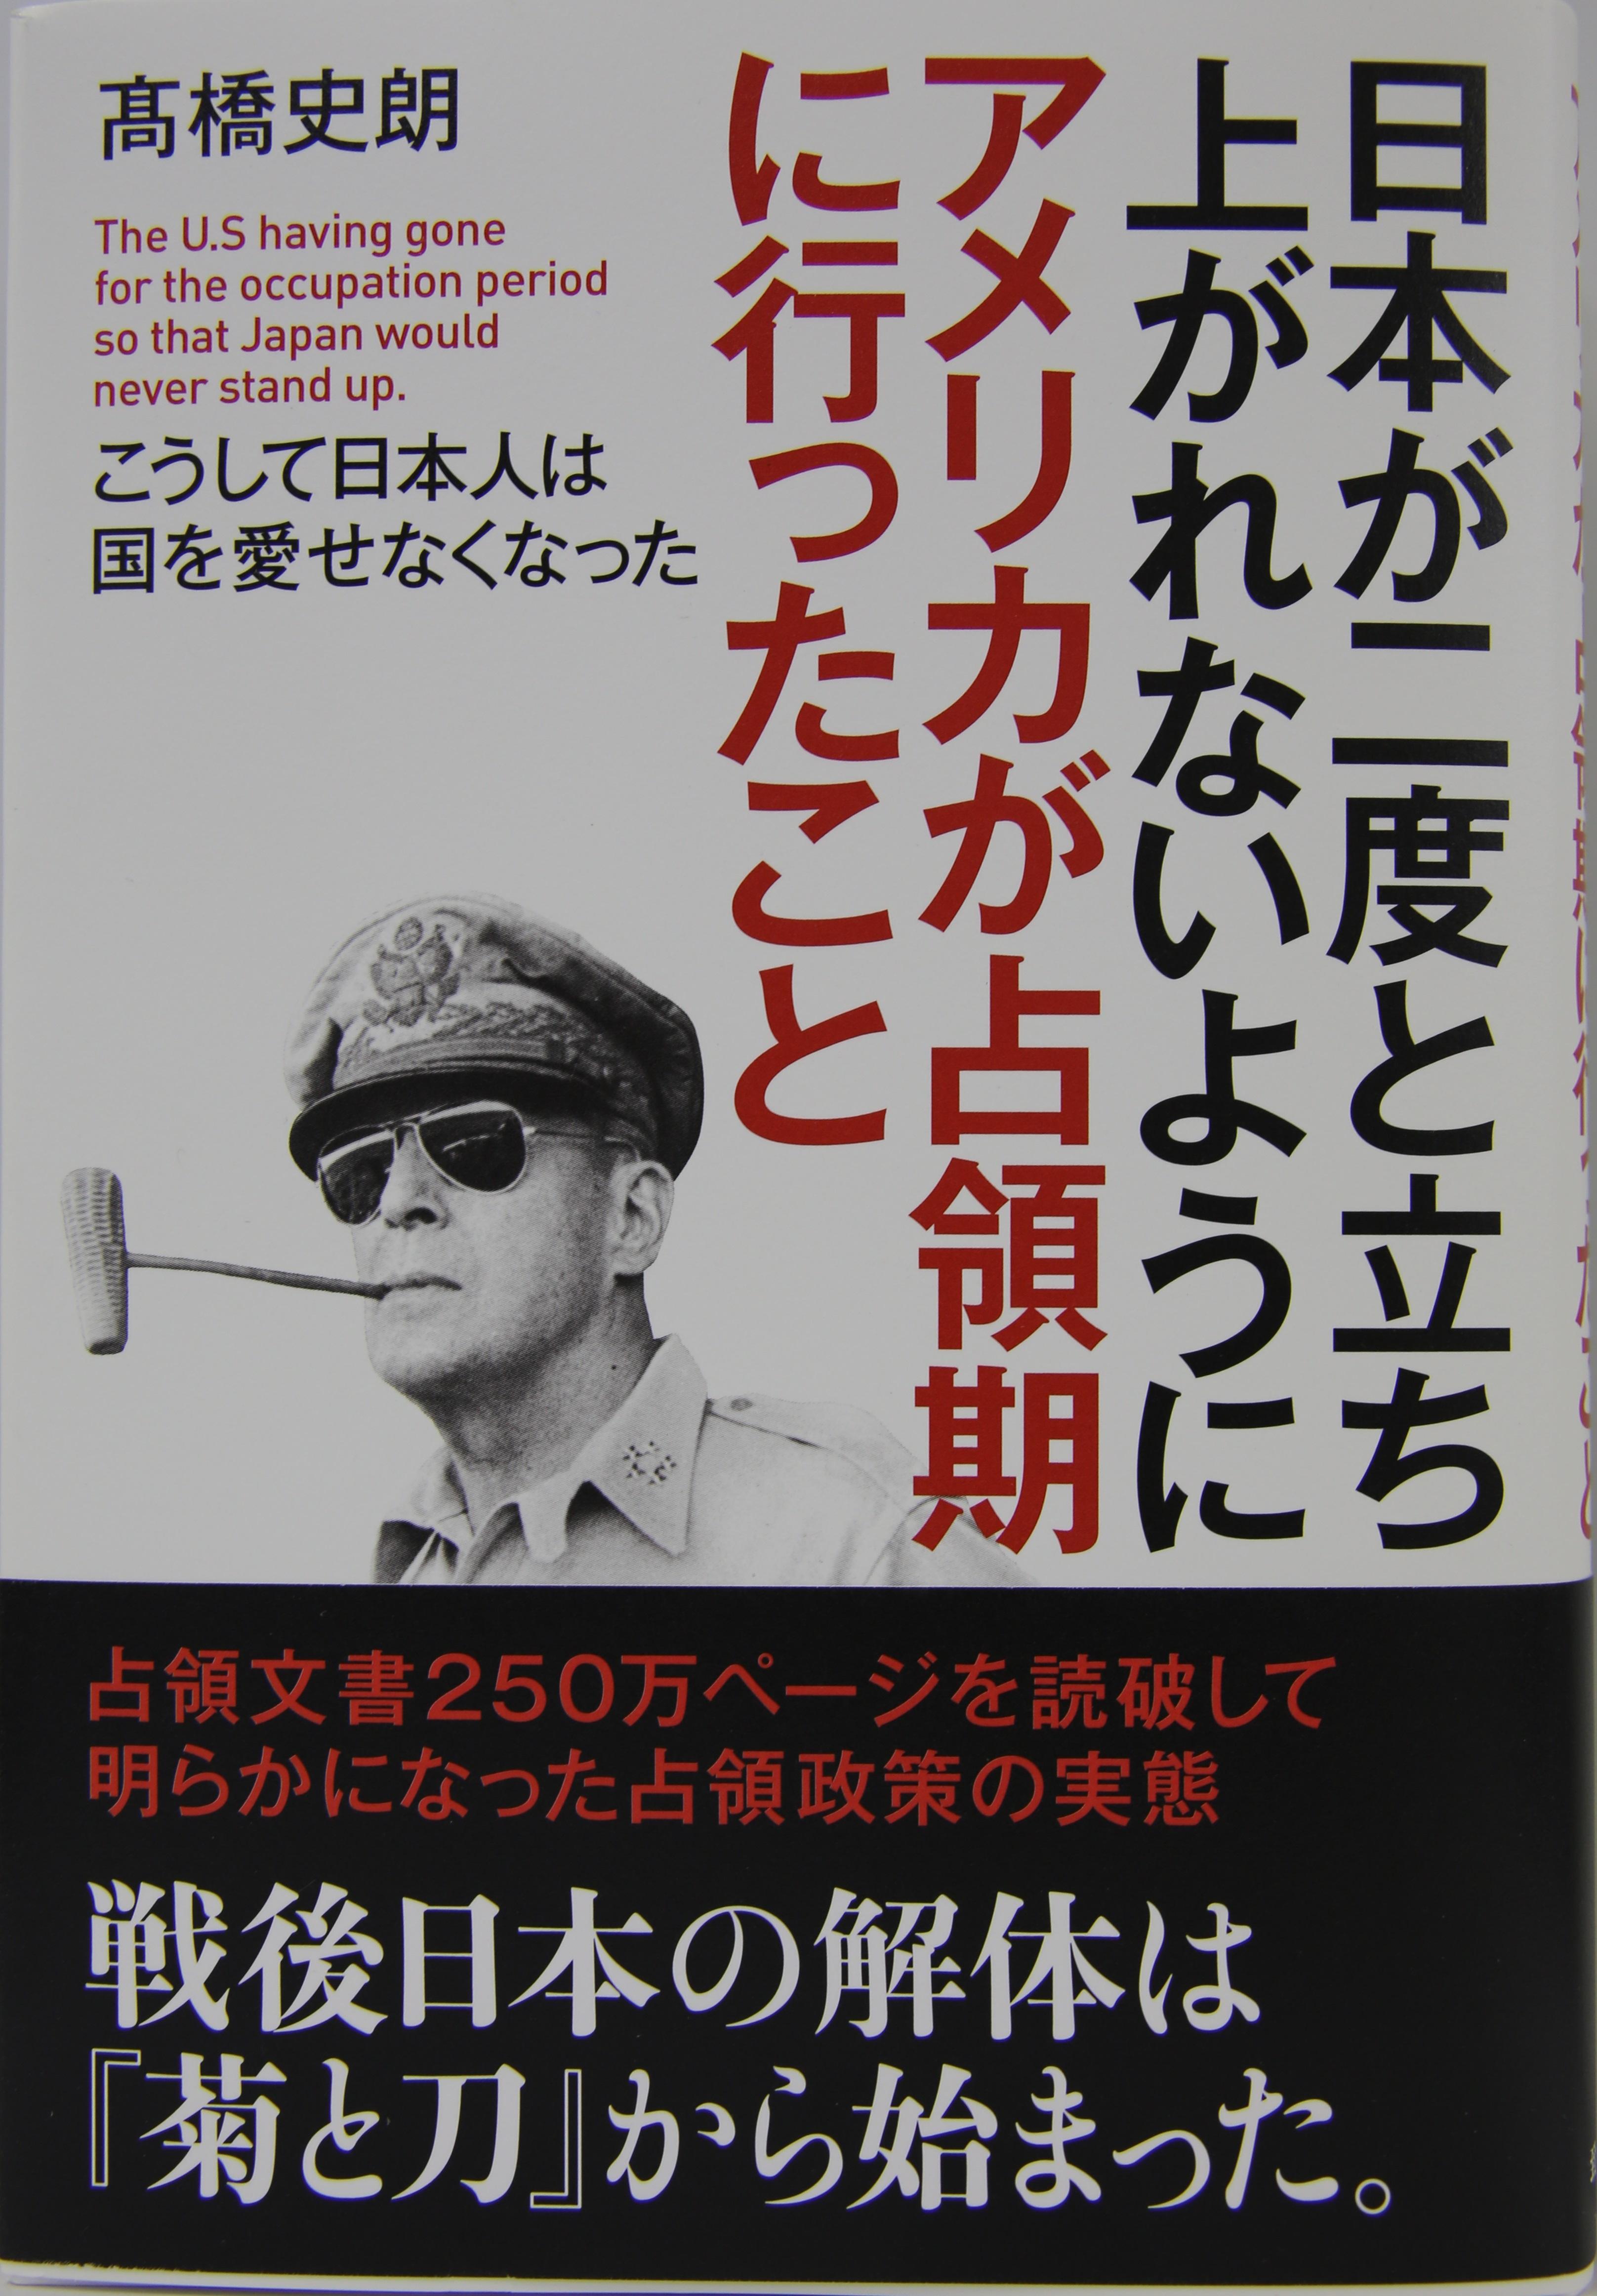 【自著自賛】日本が二度と立ち上がれないようにアメリカが占領期に行ったこと